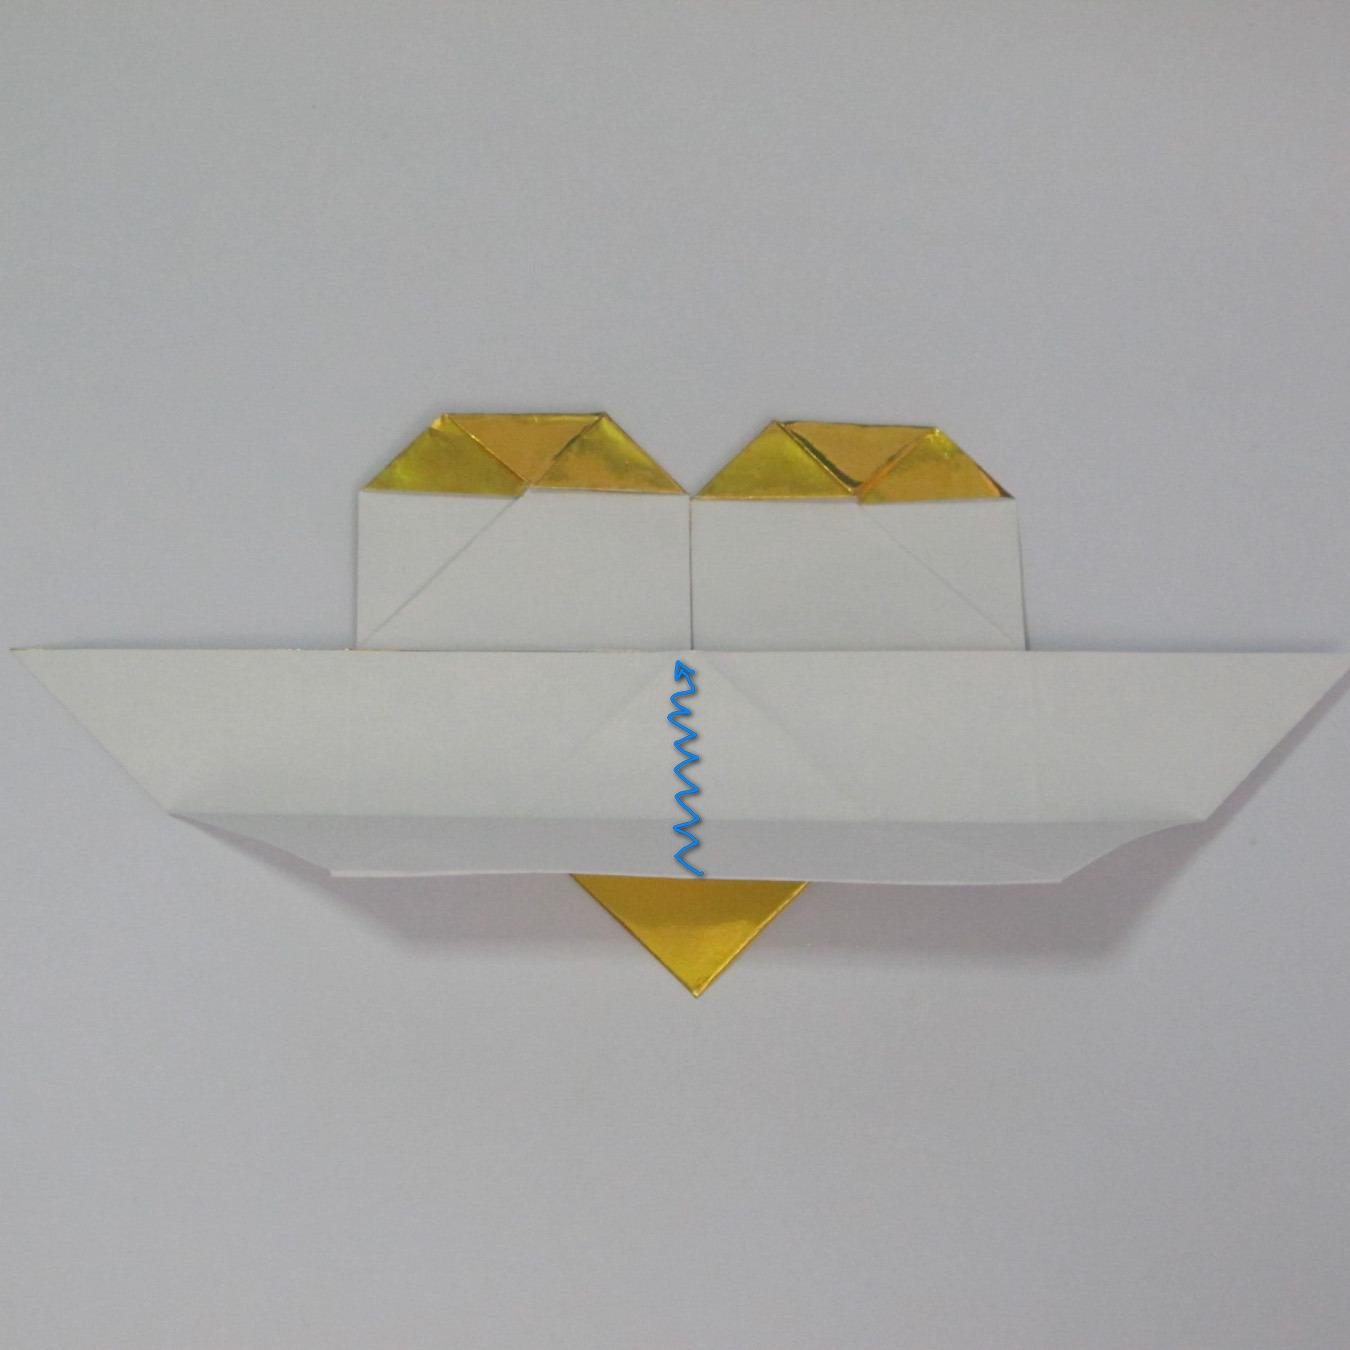 วิธีพับกระดาษเป็นรูปหัวใจติดปีก (Heart Wing Origami) 022